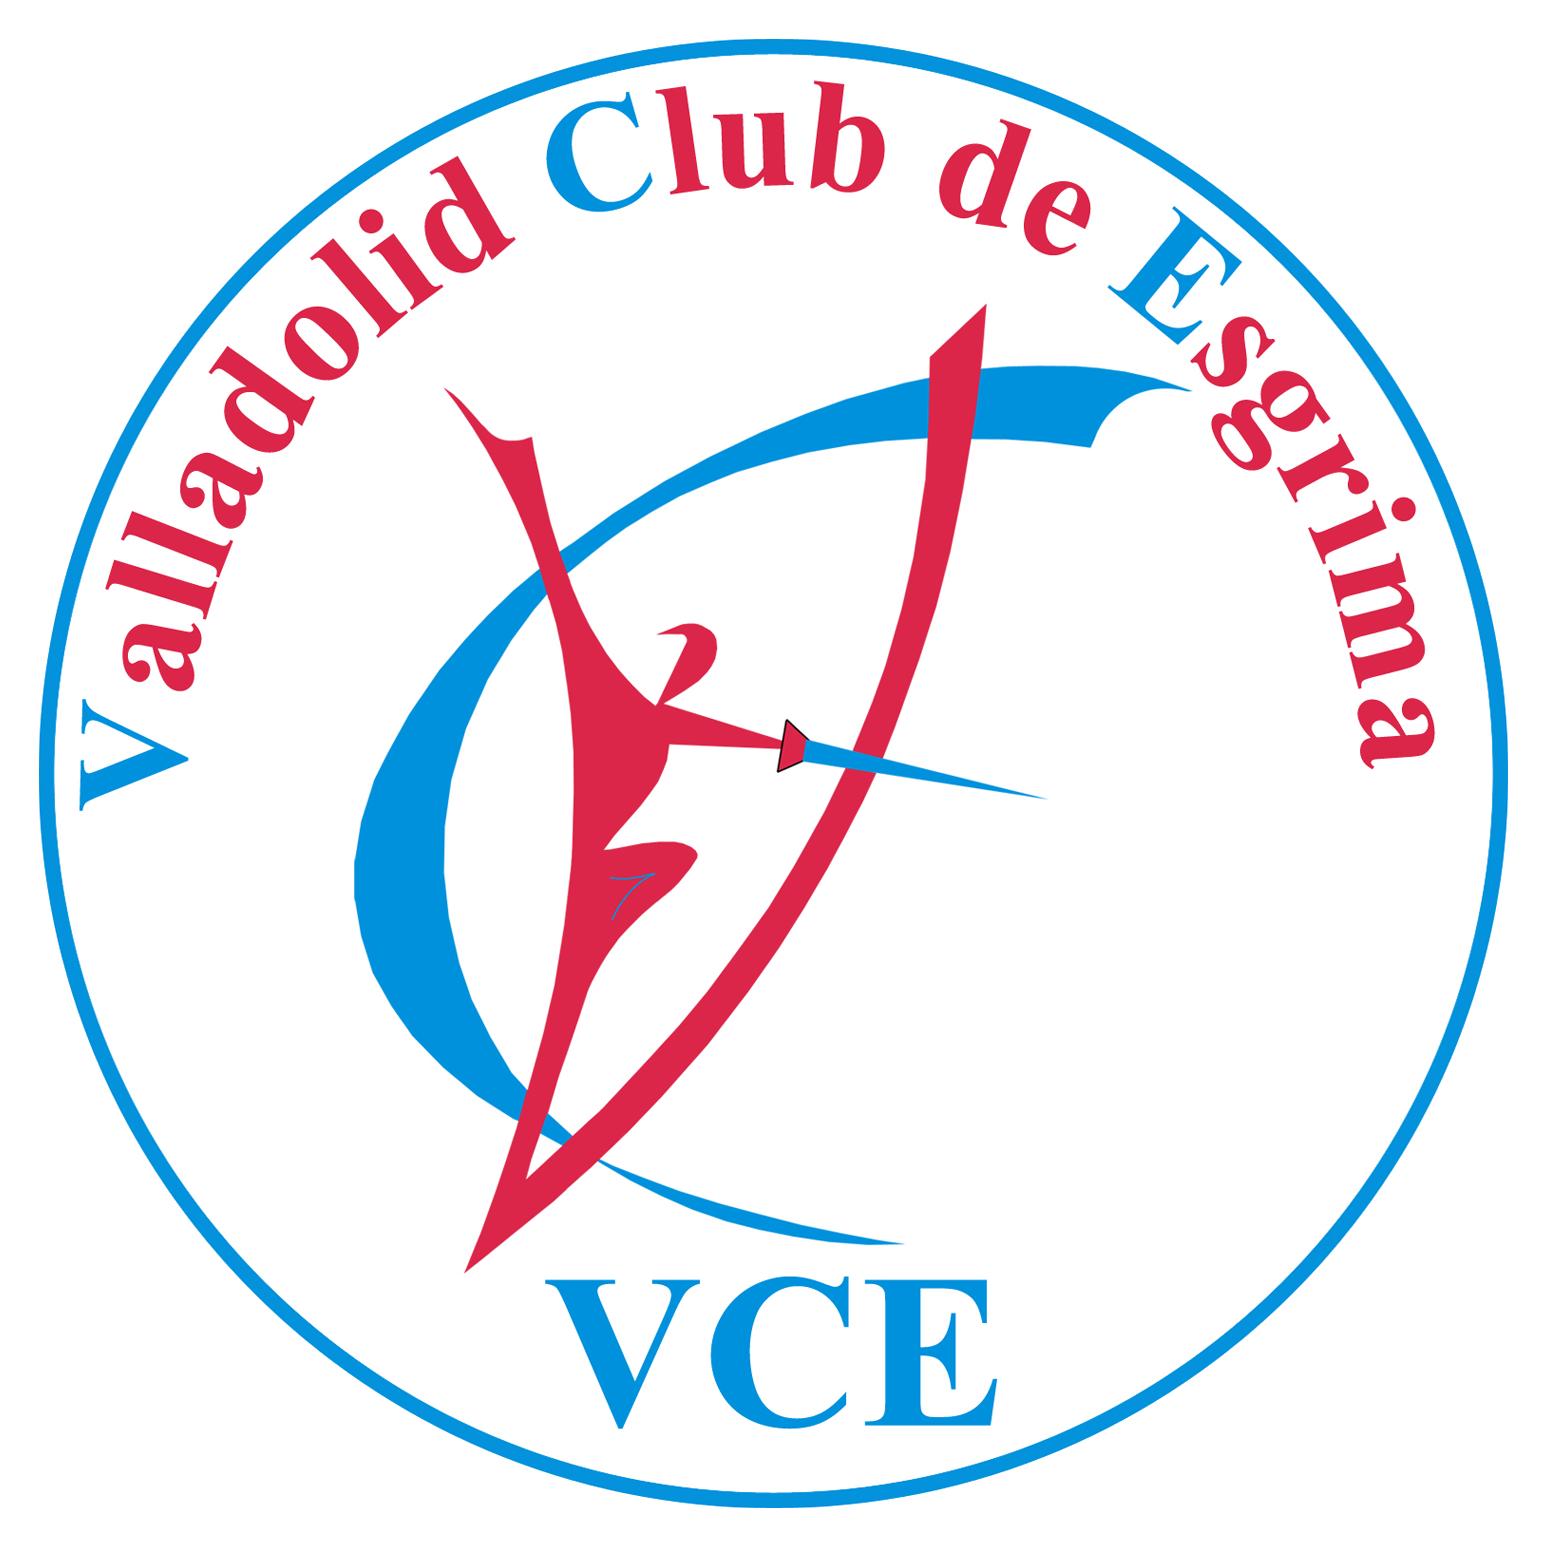 Valladolid Club Esgrima logo